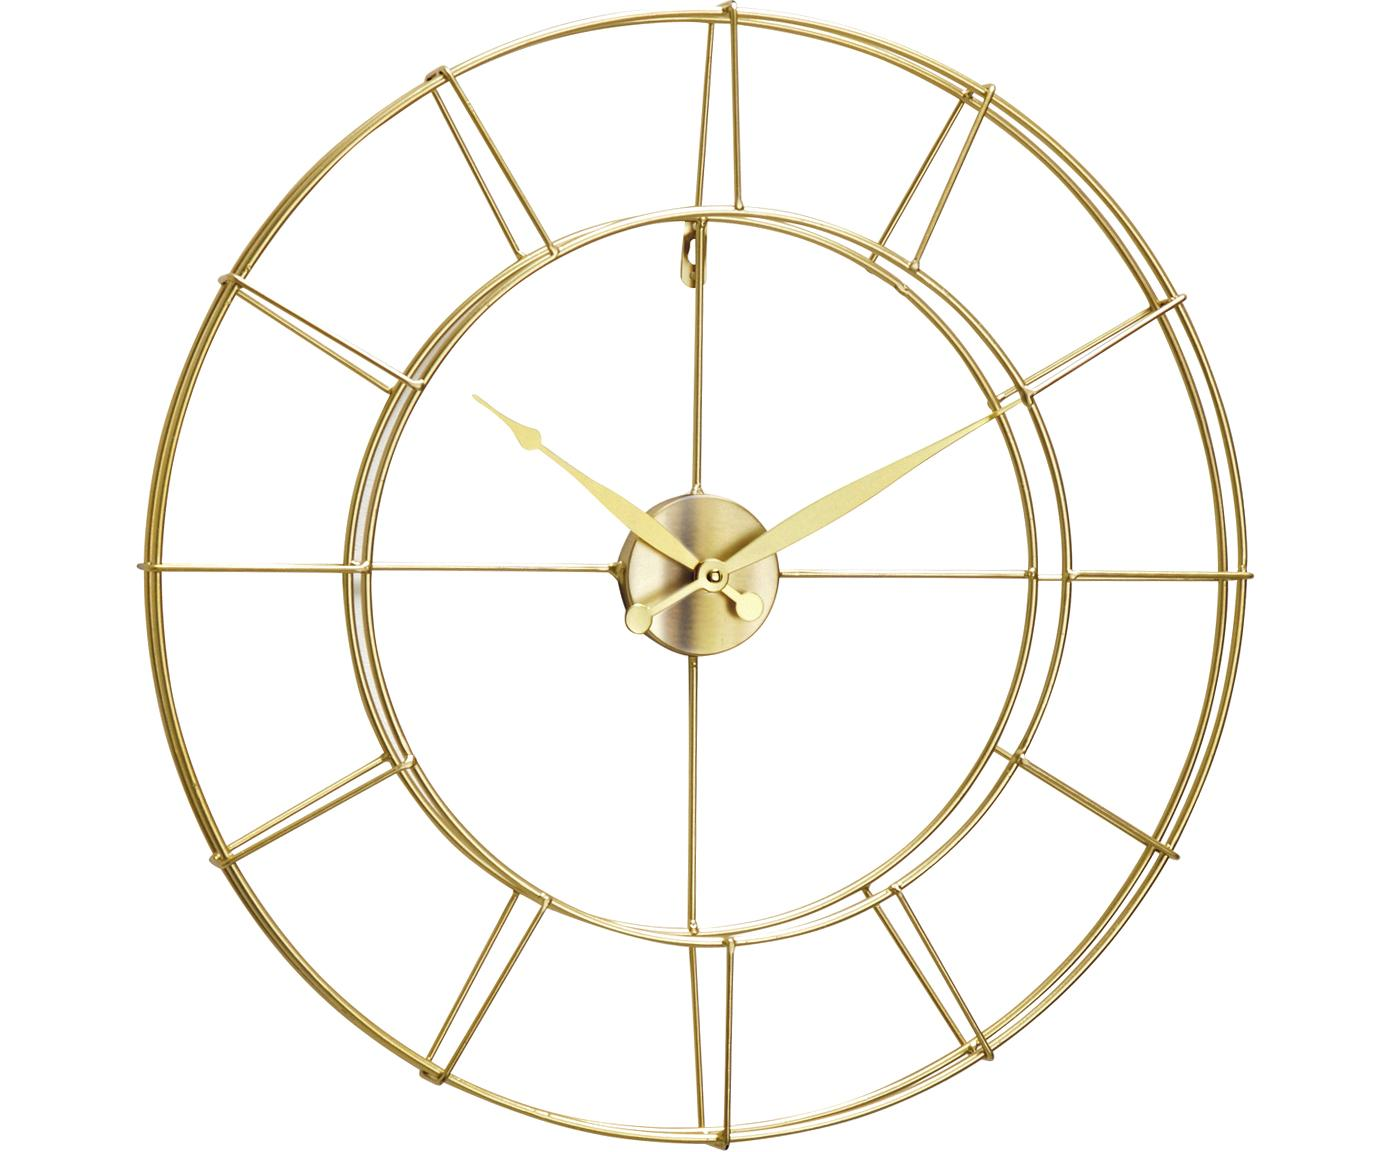 Wanduhr Alisha, Metall, beschichtet, Goldfarben, Ø 57 cm